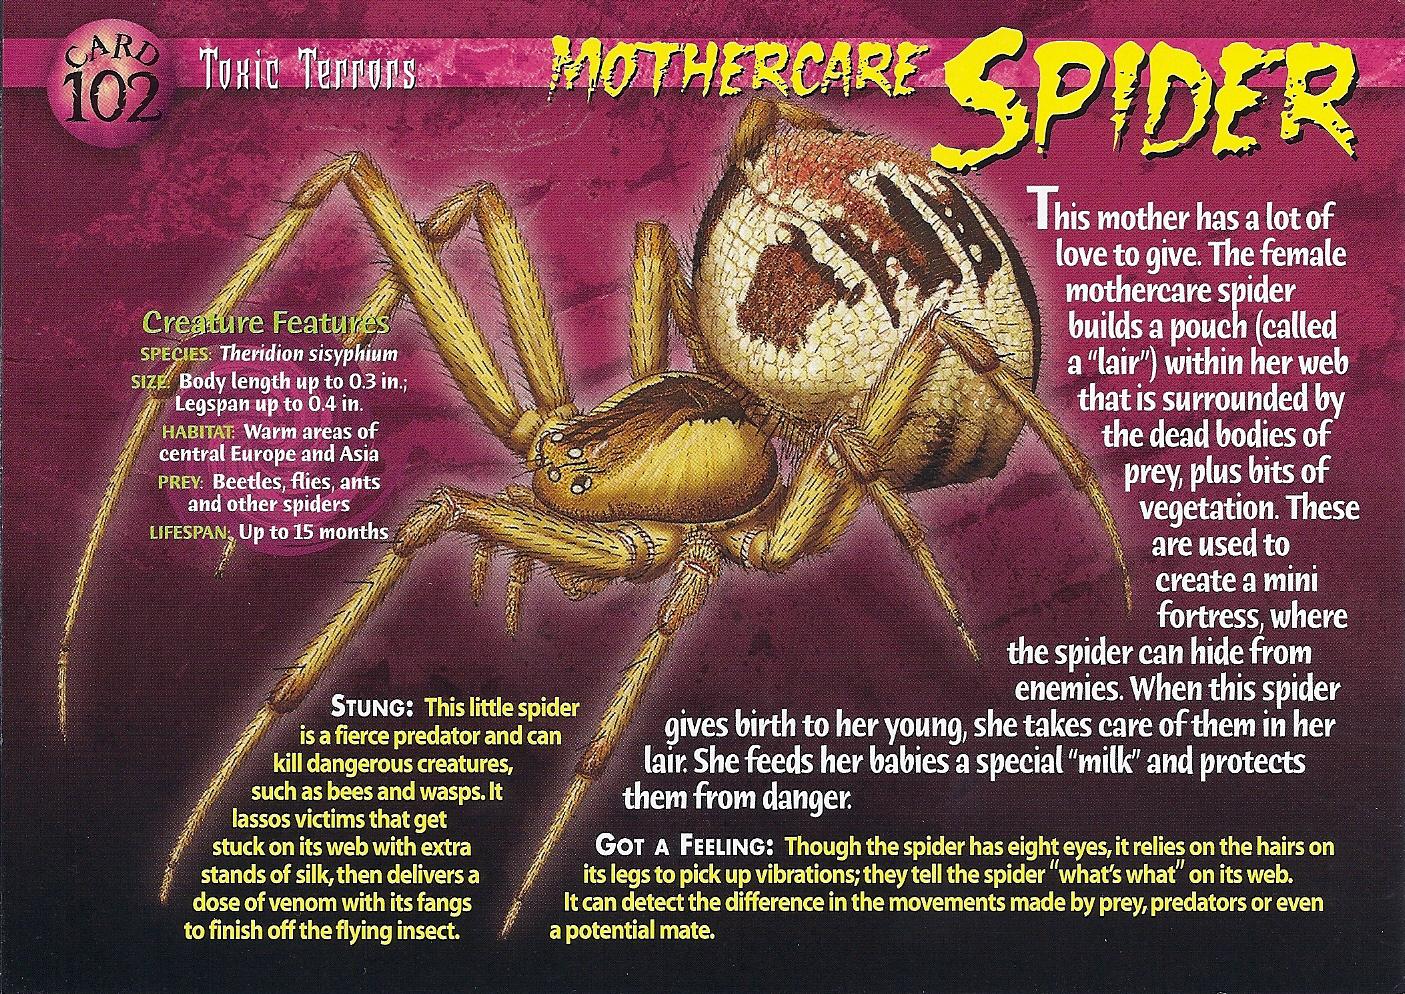 Mothercare Spider Weird N Wild Creatures Wiki Fandom